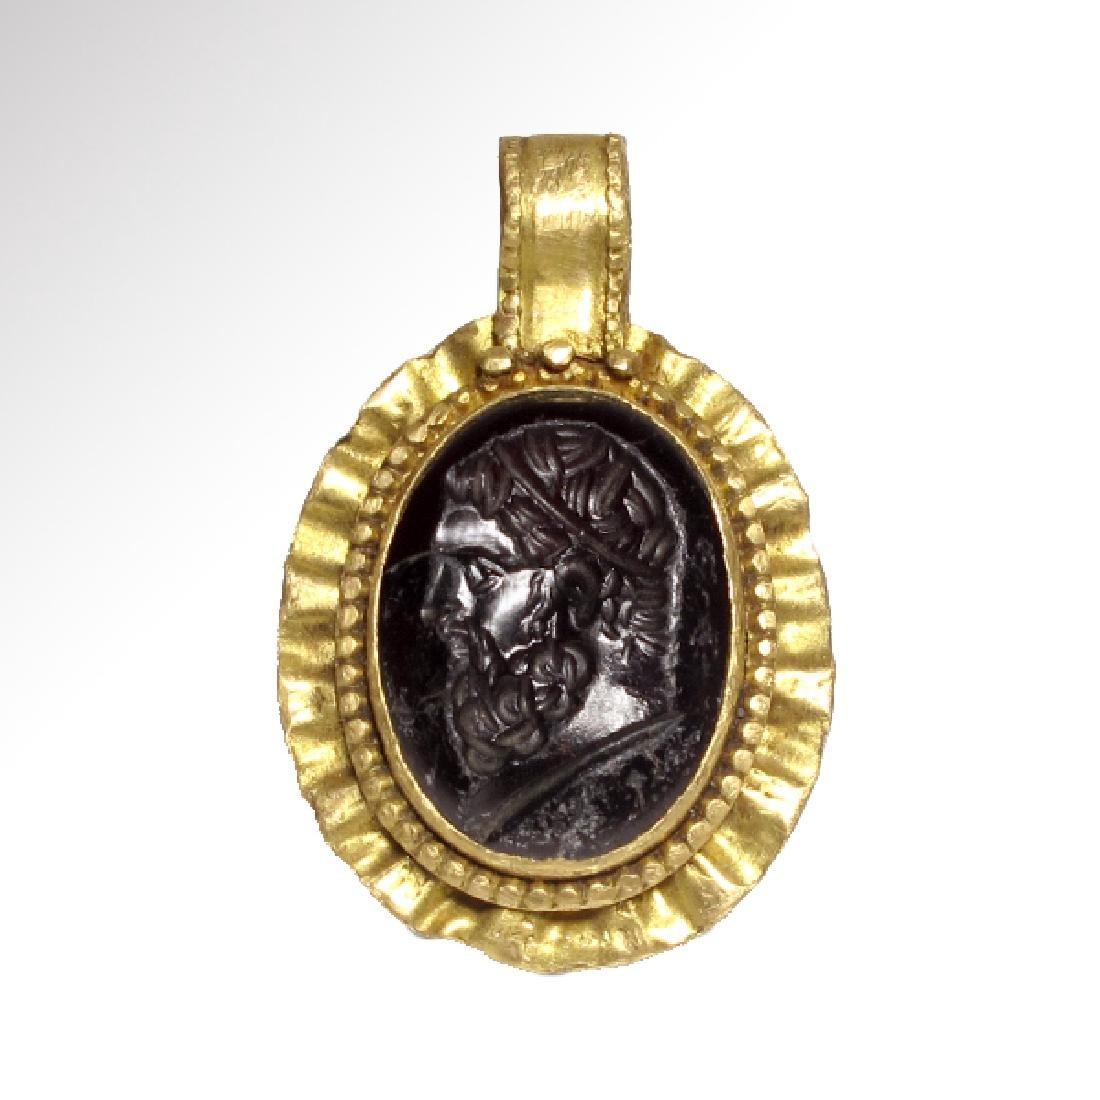 Roman Garnet Intaglio with Bust of Zeus/Jupiter in Gold